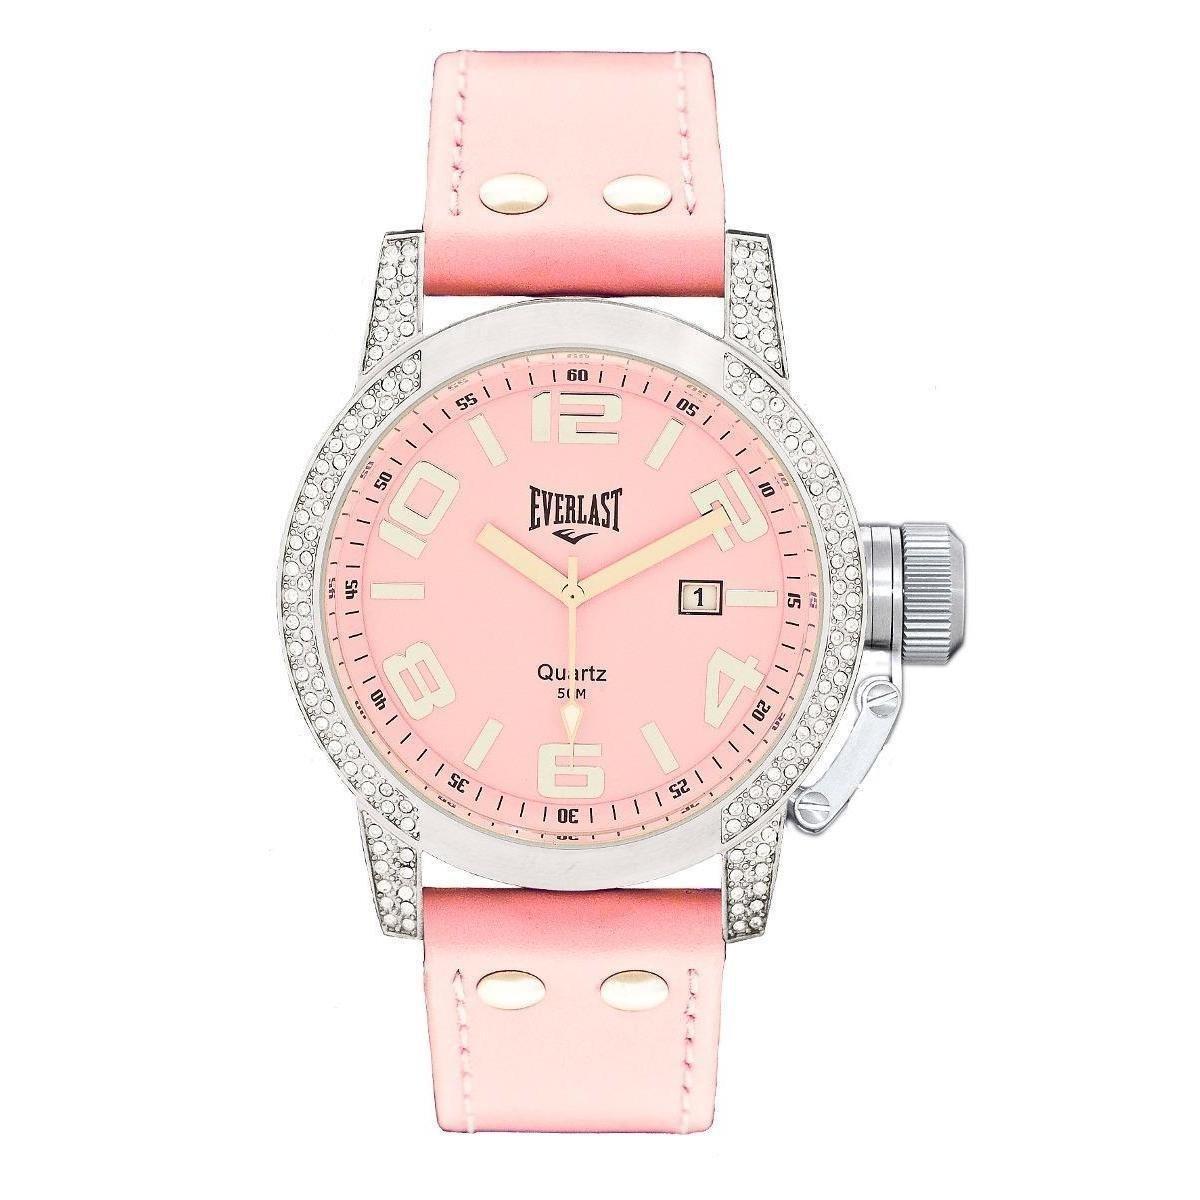 b9081bab7af Relógio Pulso Everlast Com Pulseira Em Couro E064 Feminino - Rosa - Compre  Agora